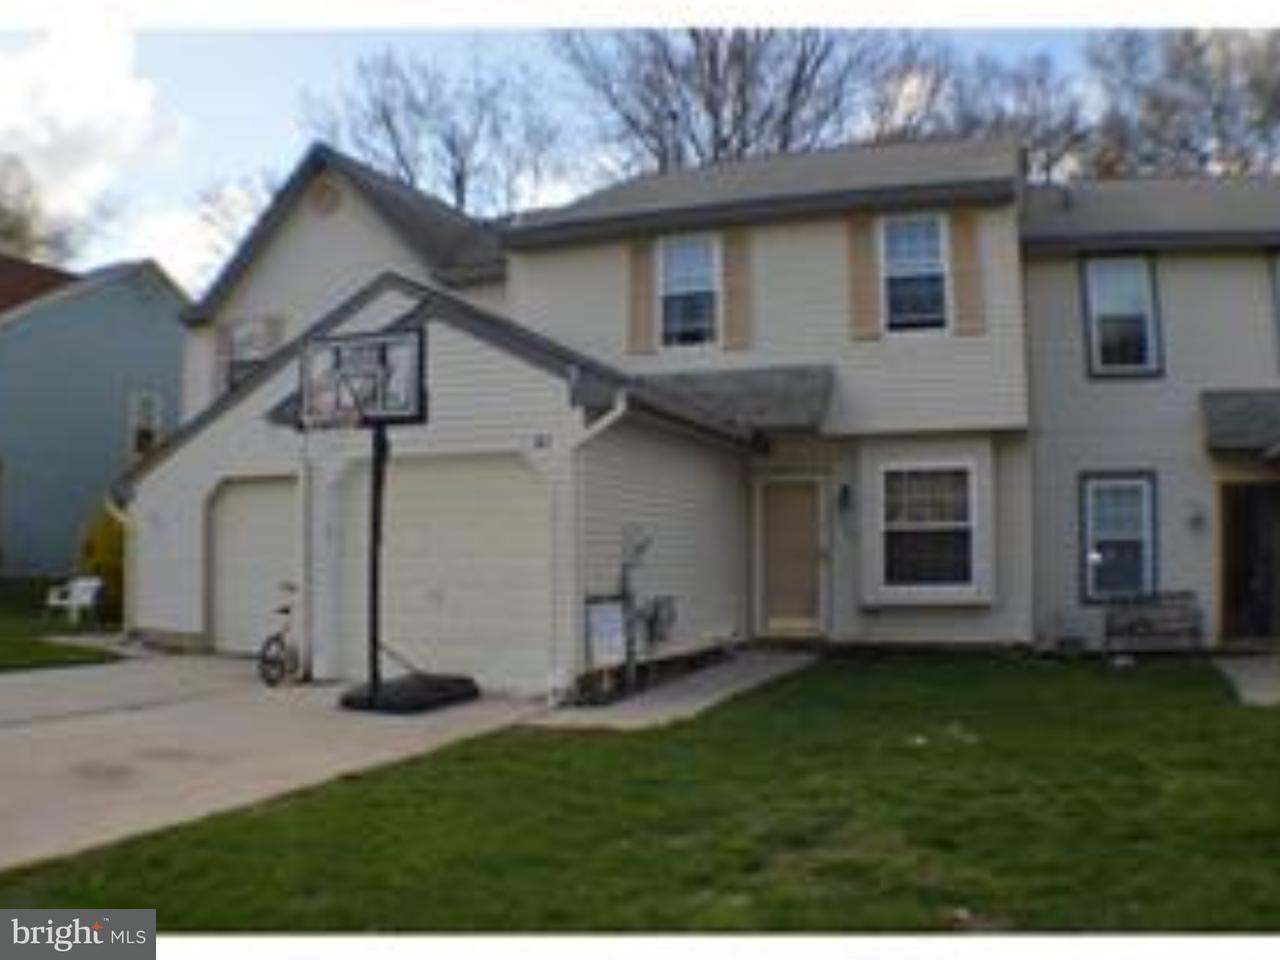 Casa unifamiliar adosada (Townhouse) por un Alquiler en 363 BROOKDALE BLVD Williamstown, Nueva Jersey 08094 Estados UnidosEn/Alrededor: Monroe Township